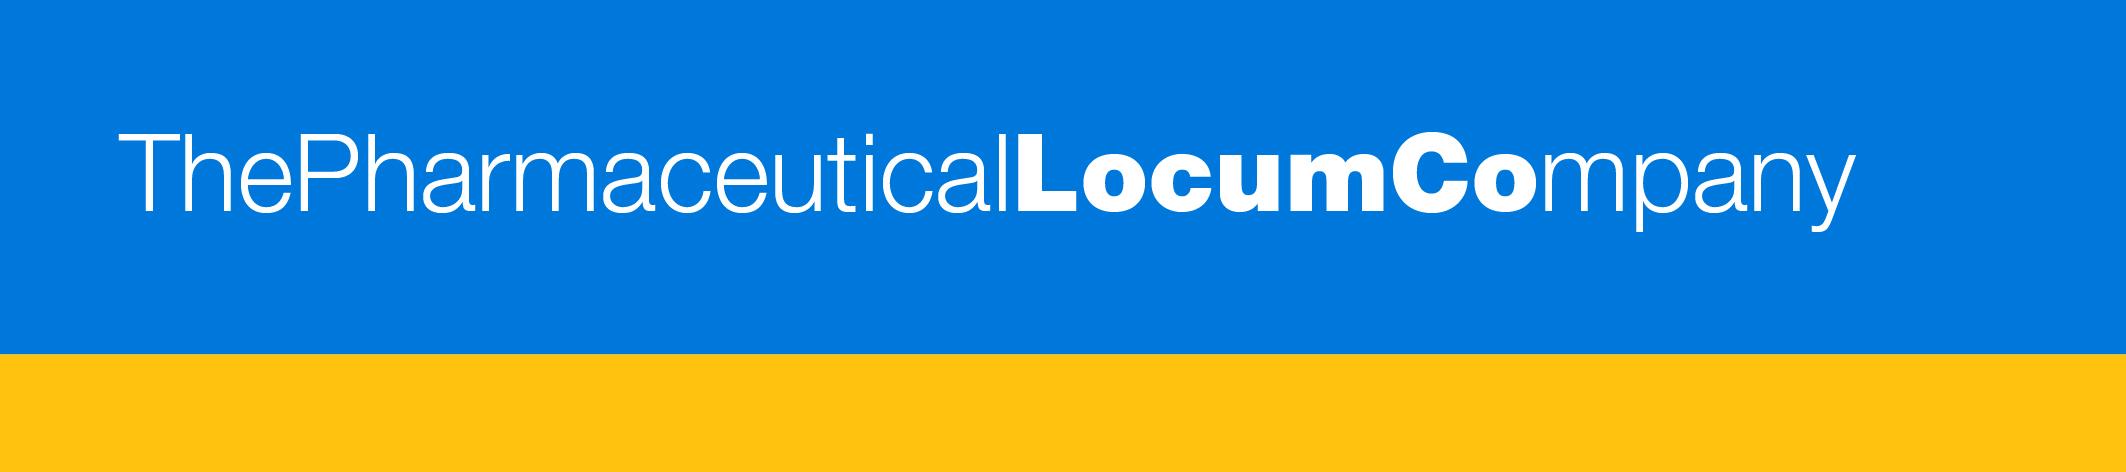 Locum Partner